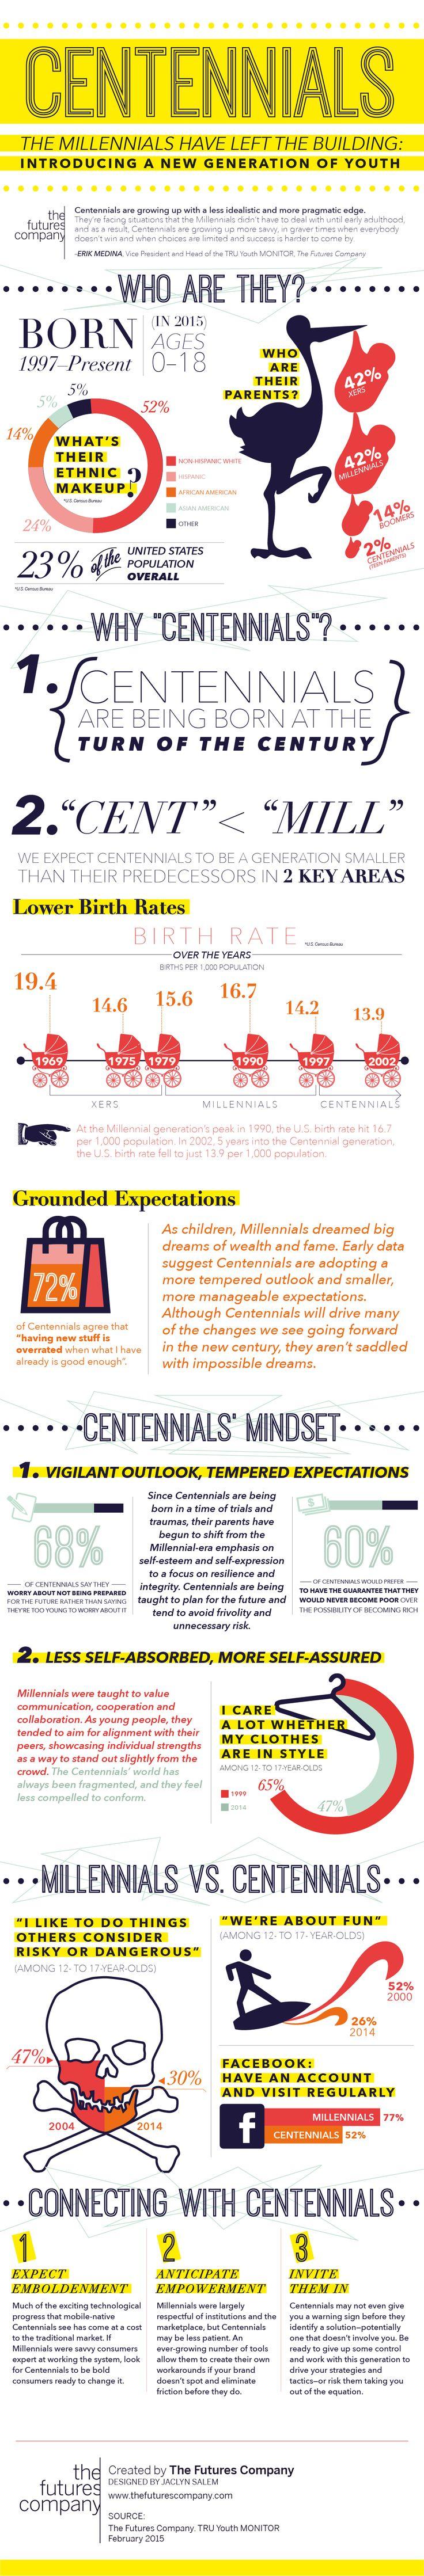 Centennials Infographic